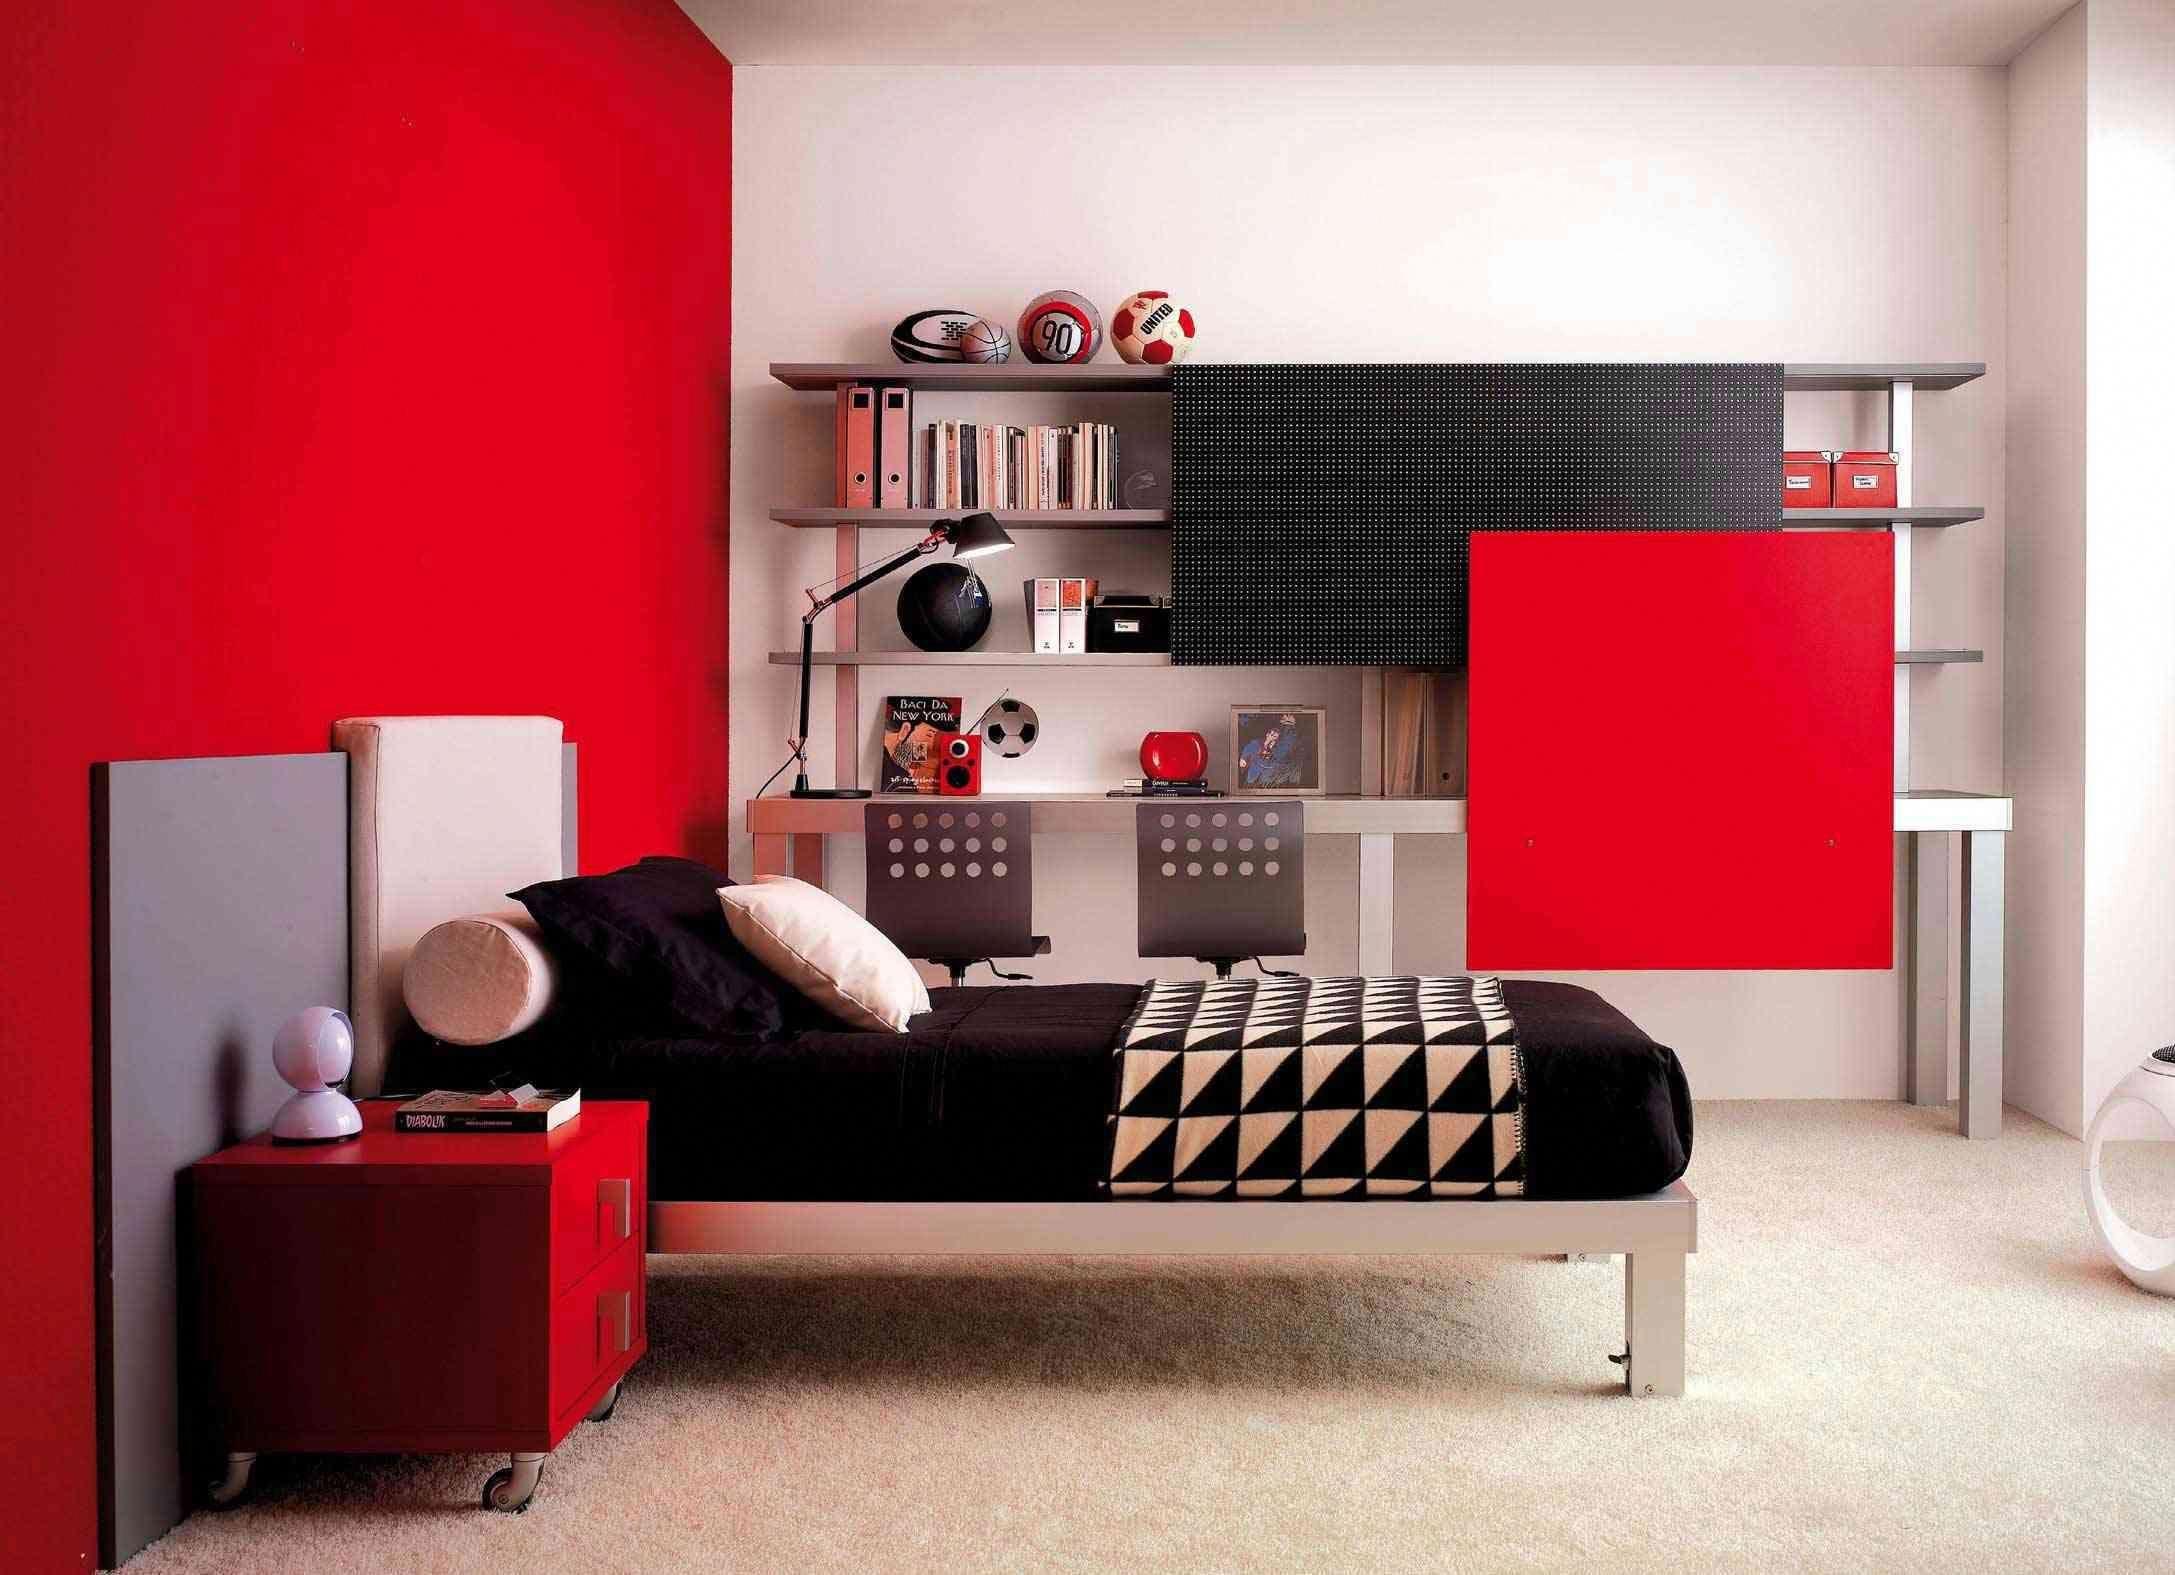 Pin de Verónica en dormitorio  Dormitorio interior, Dormitorios